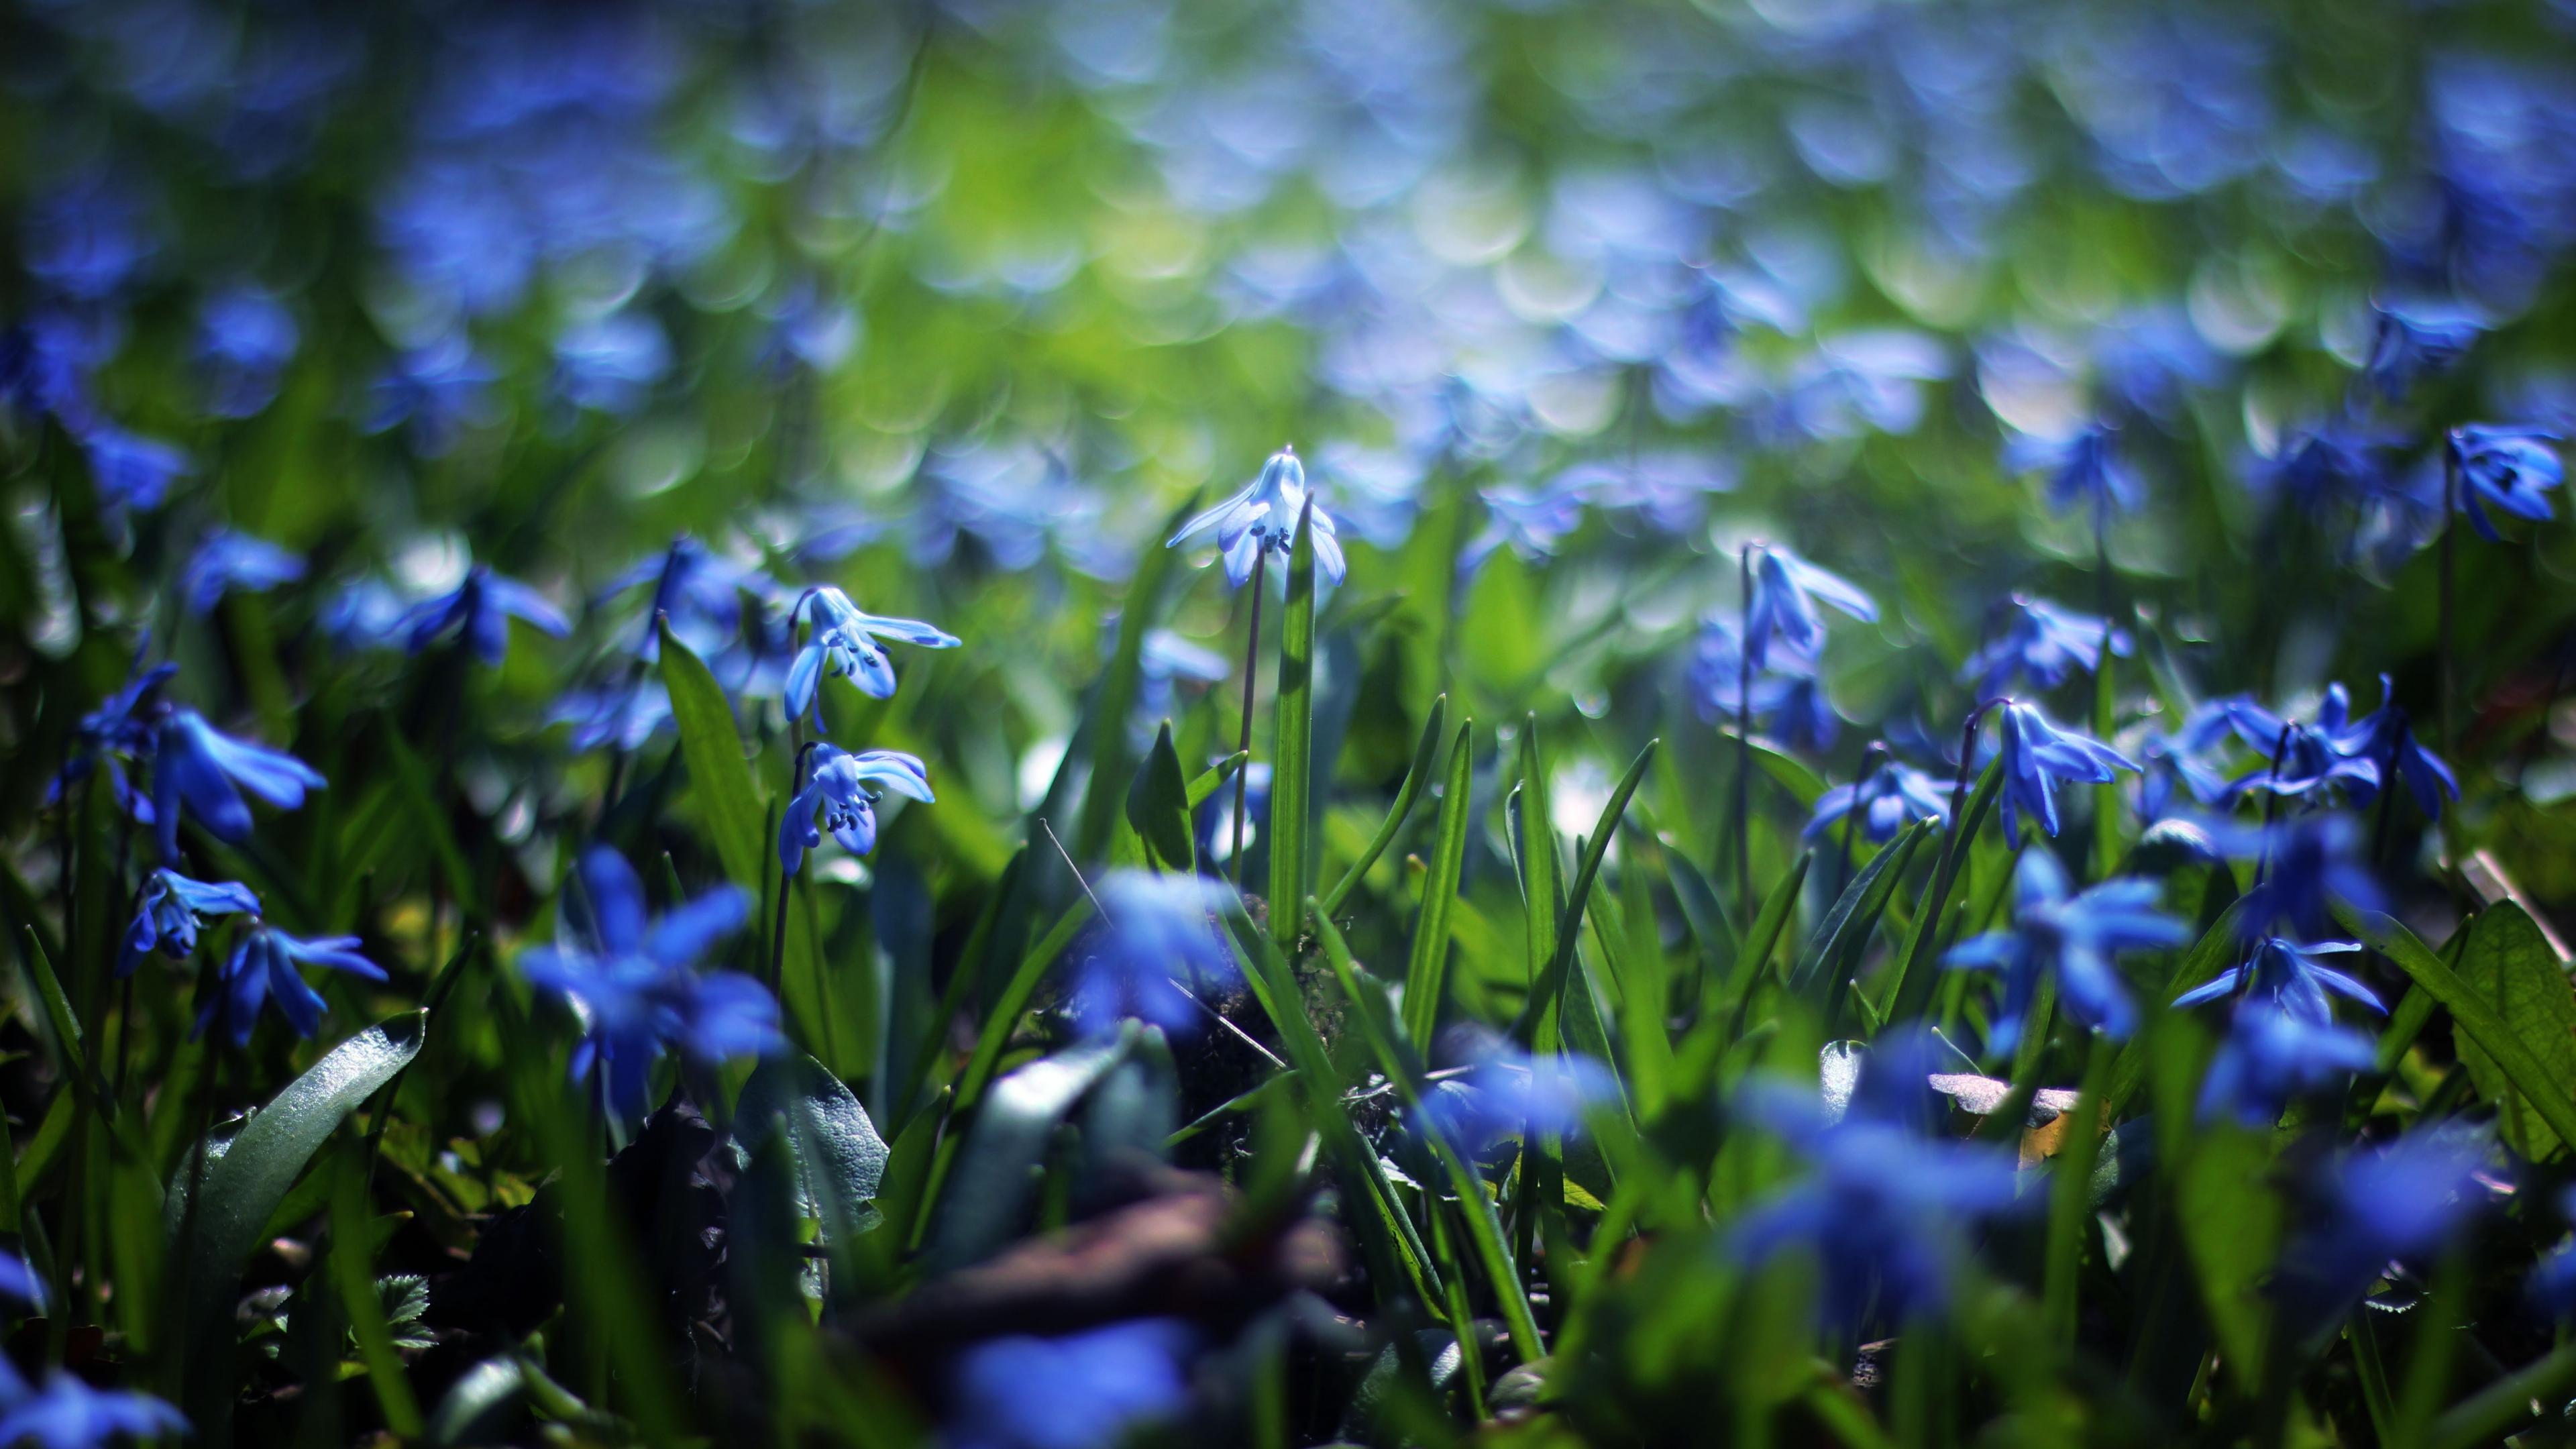 природа цветы синие трава nature flowers blue grass загрузить